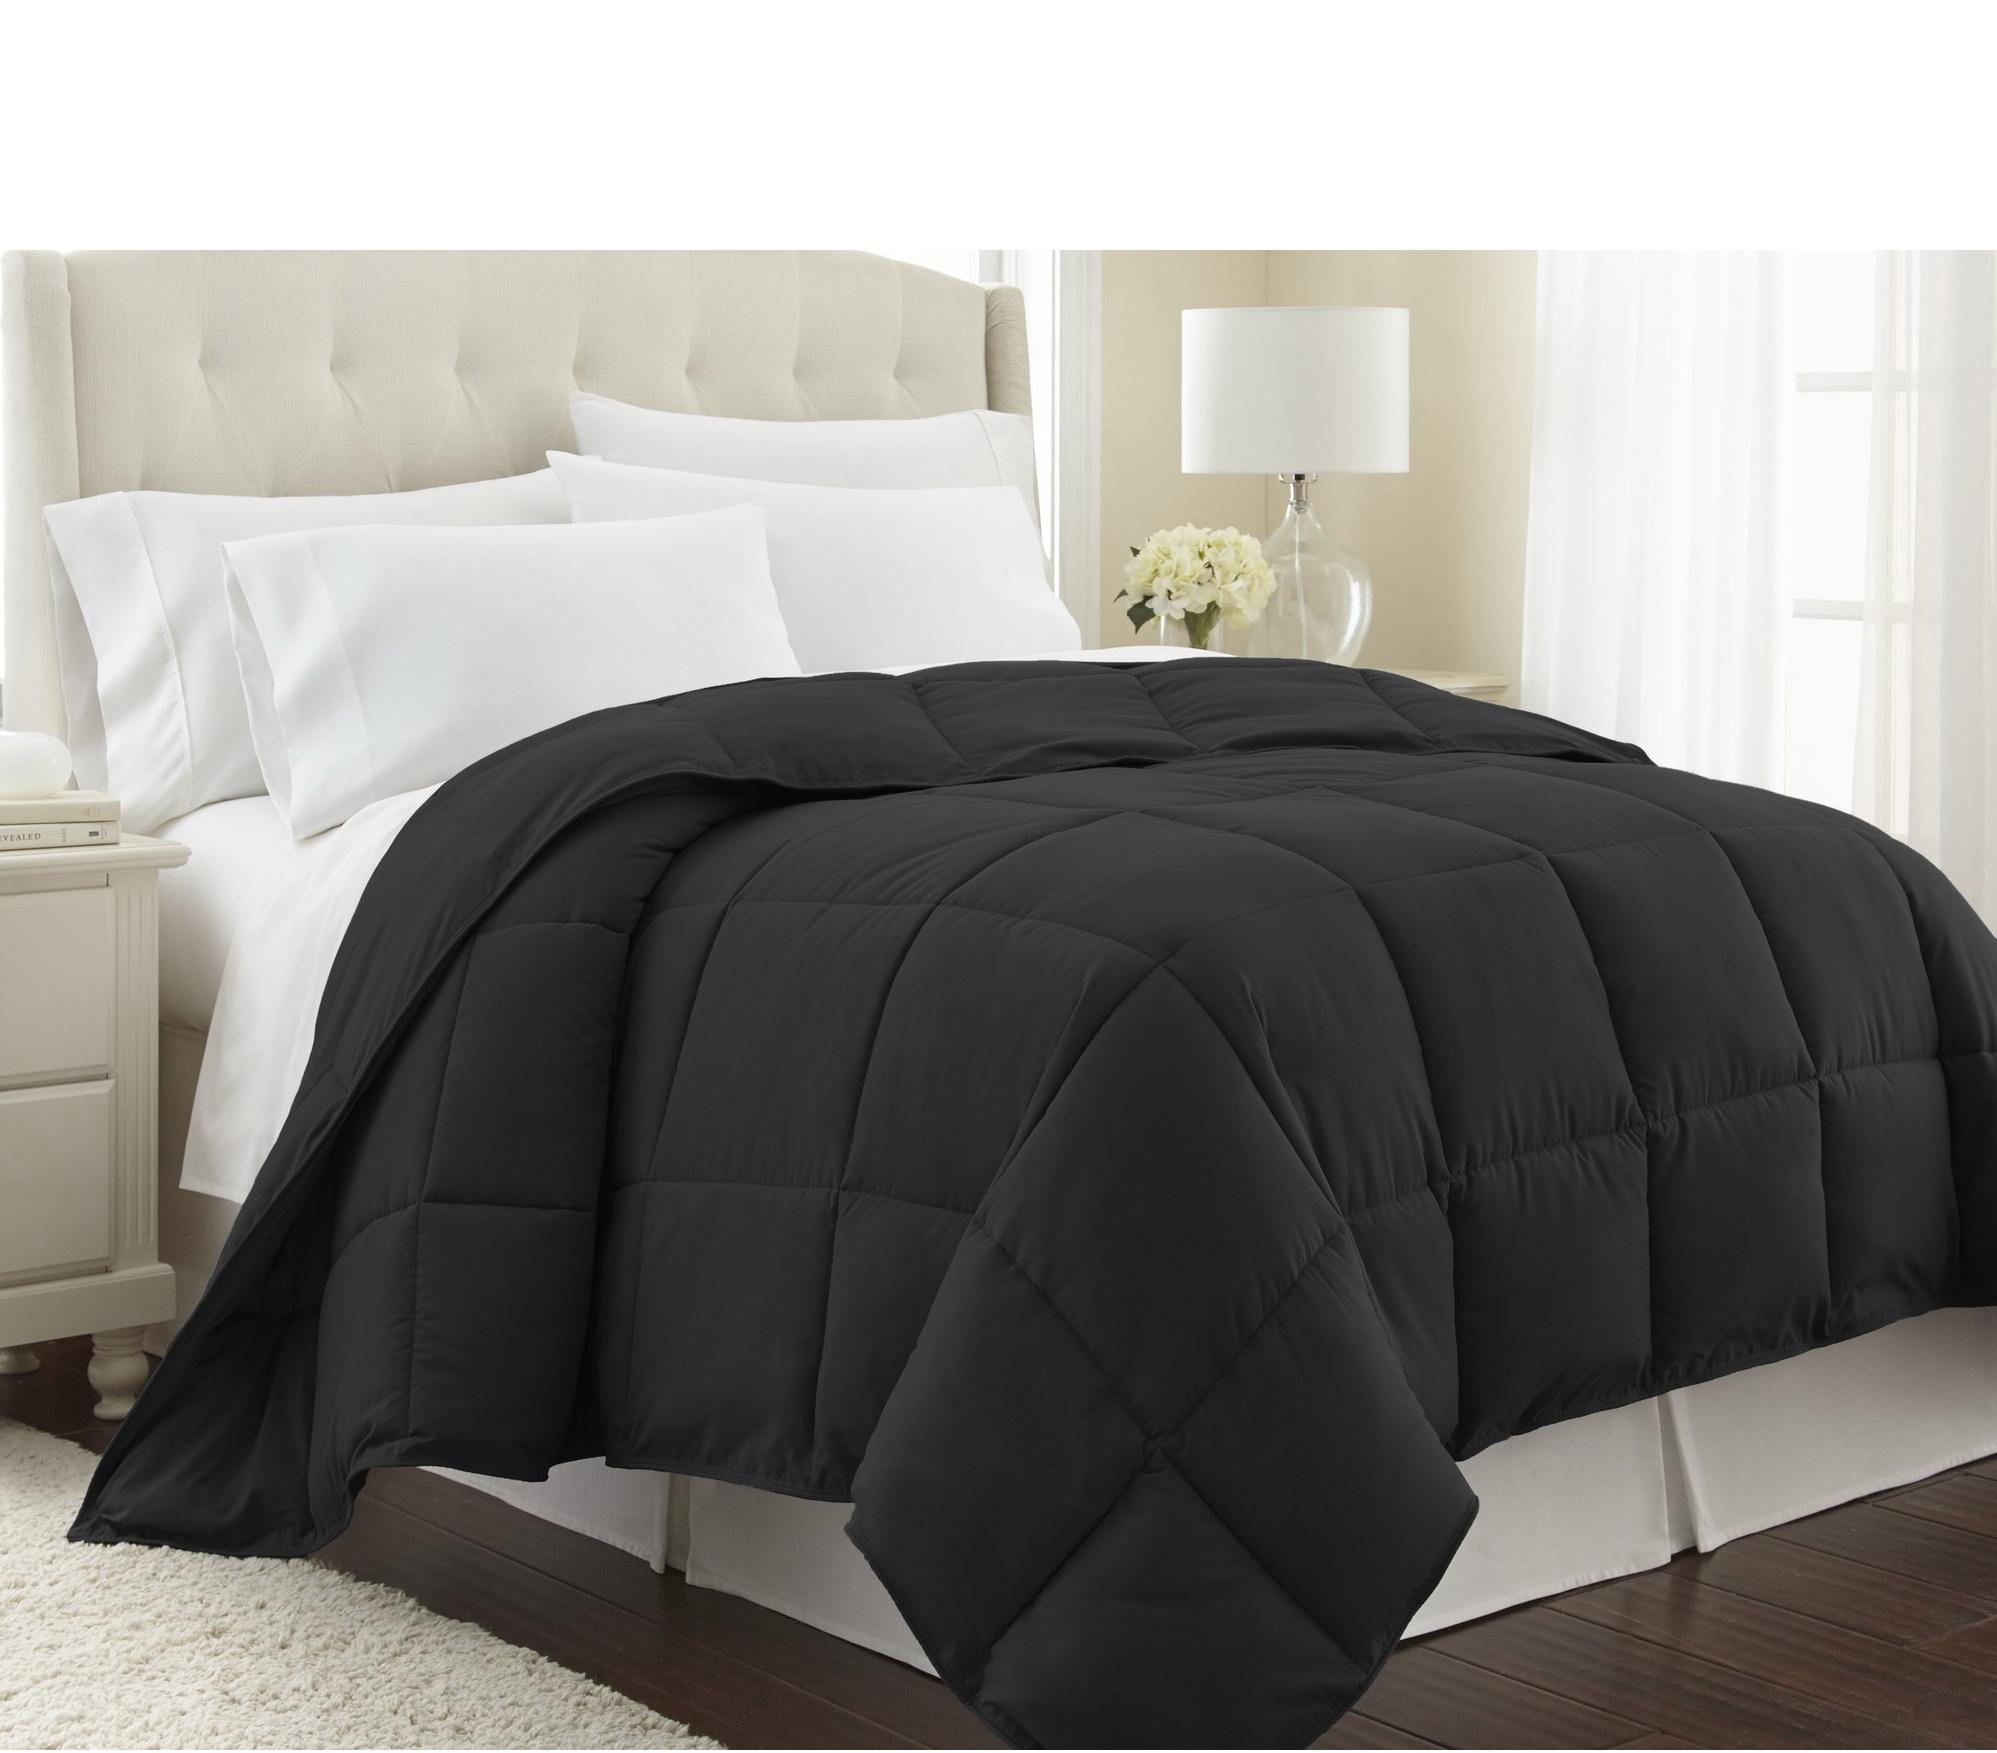 Черное покрывало на кровать купить